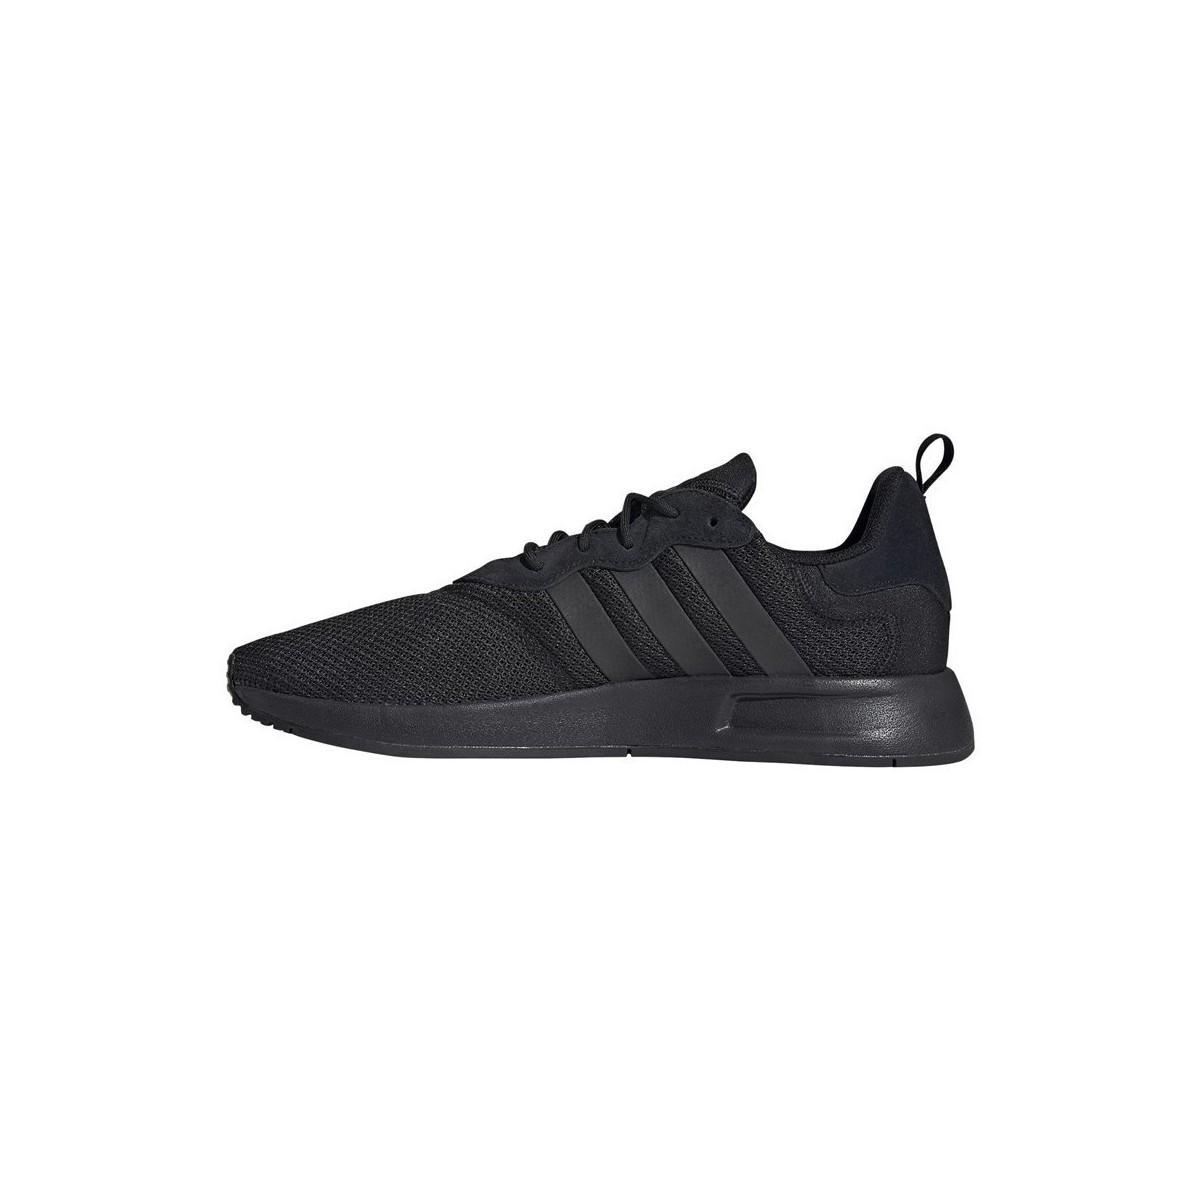 Baskets basses Xplr adidas pour homme en coloris Noir - Lyst